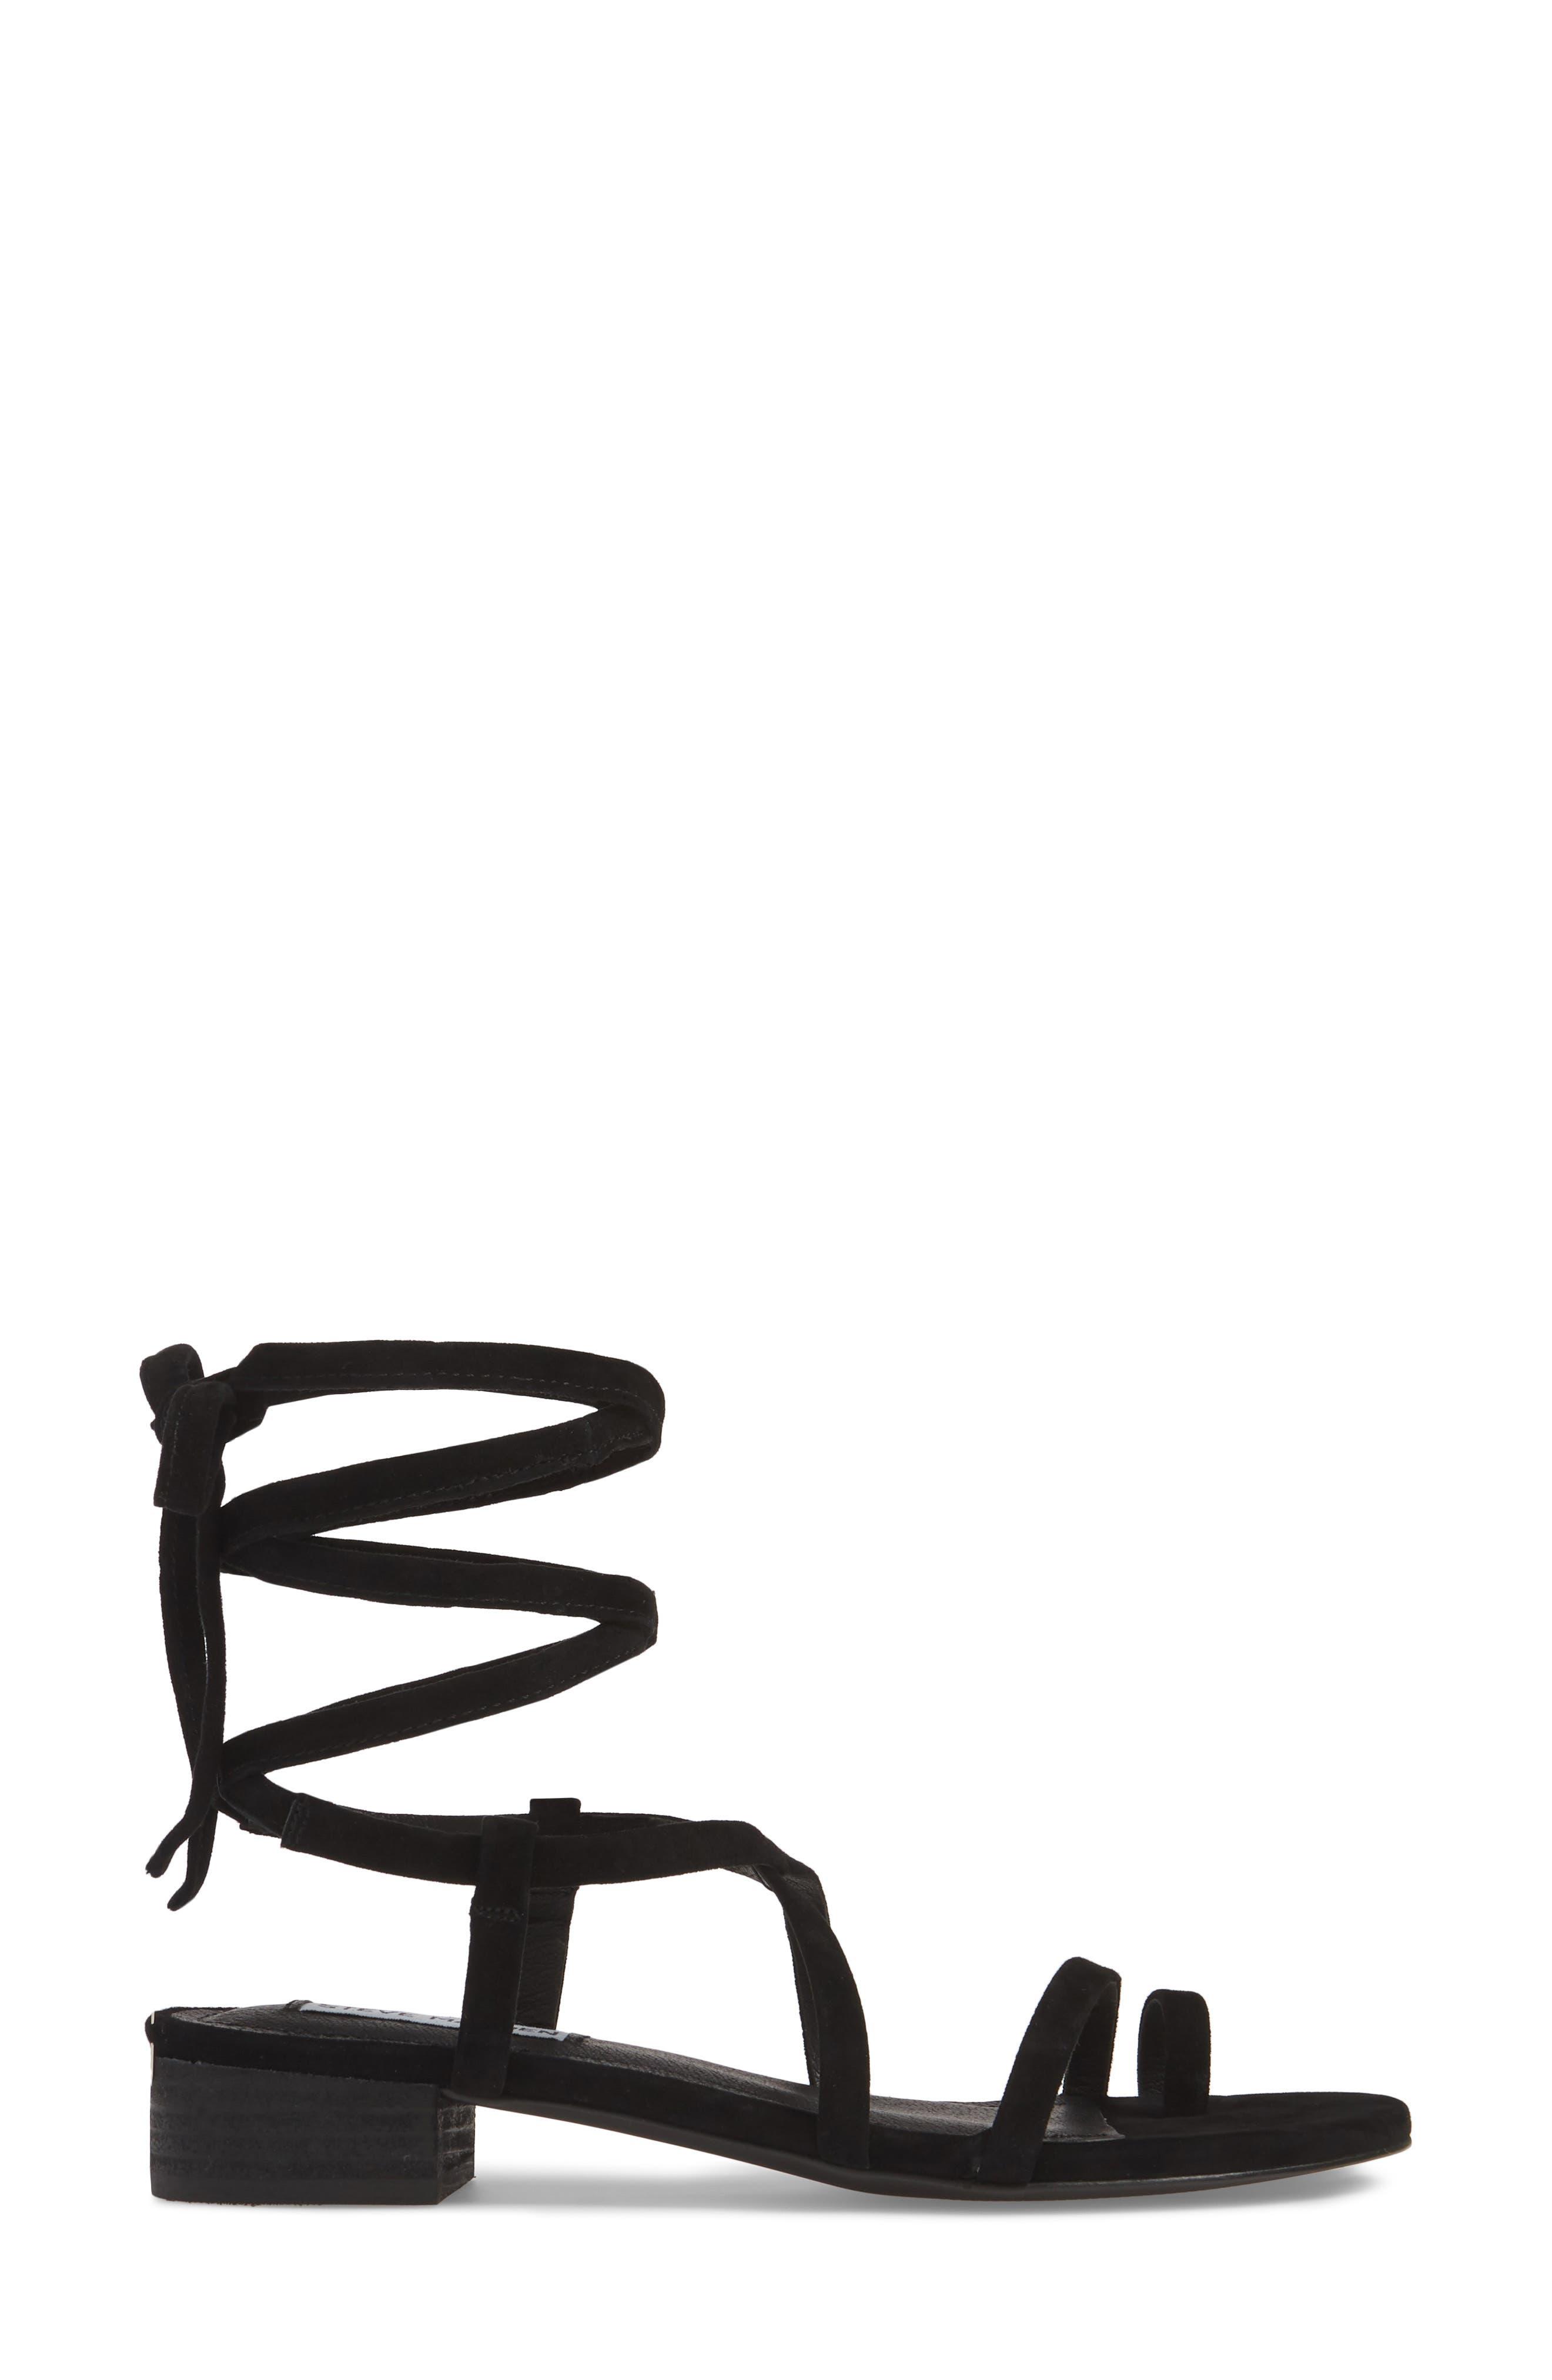 STEVE MADDEN, Adrenaline Lace-Up Sandal, Alternate thumbnail 3, color, BLACK SUEDE